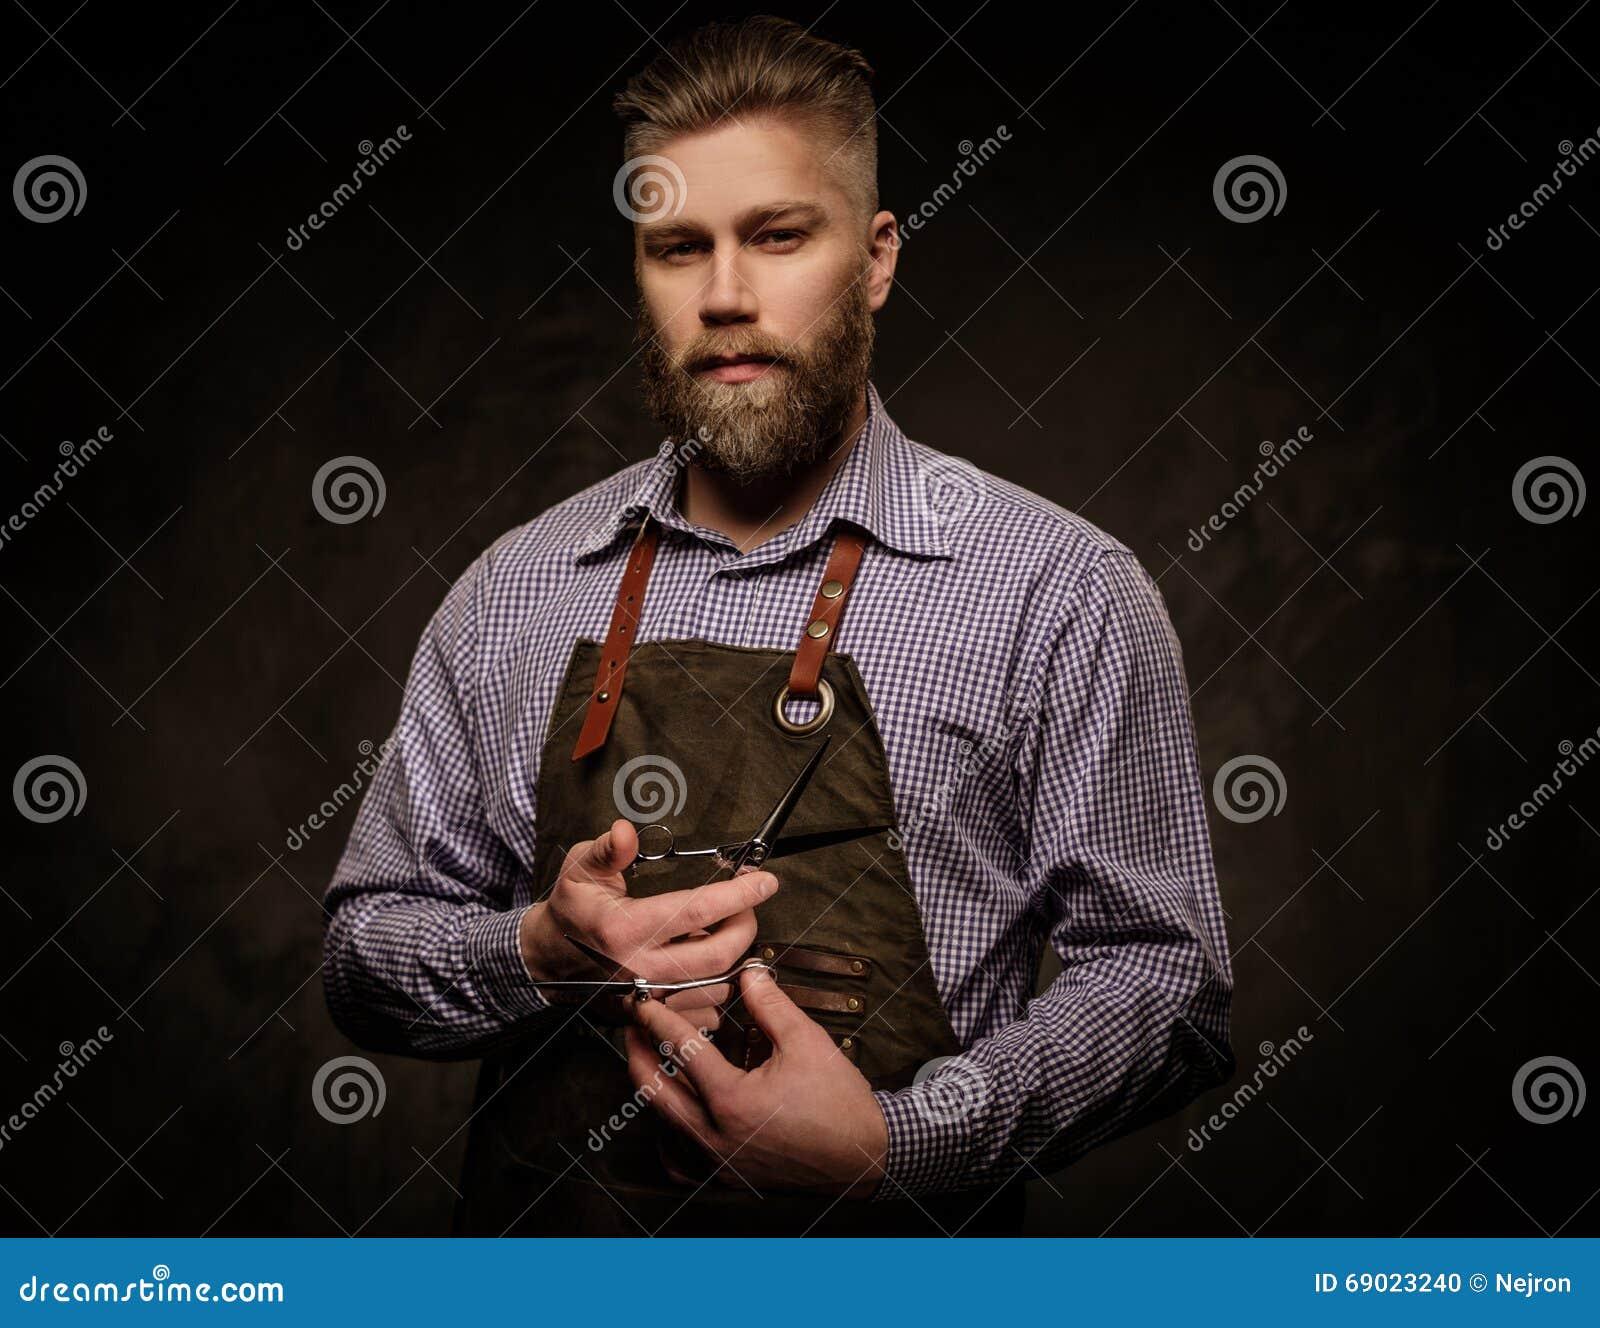 Ritratto del barbiere alla moda con la barba e degli strumenti professionali su un fondo scuro